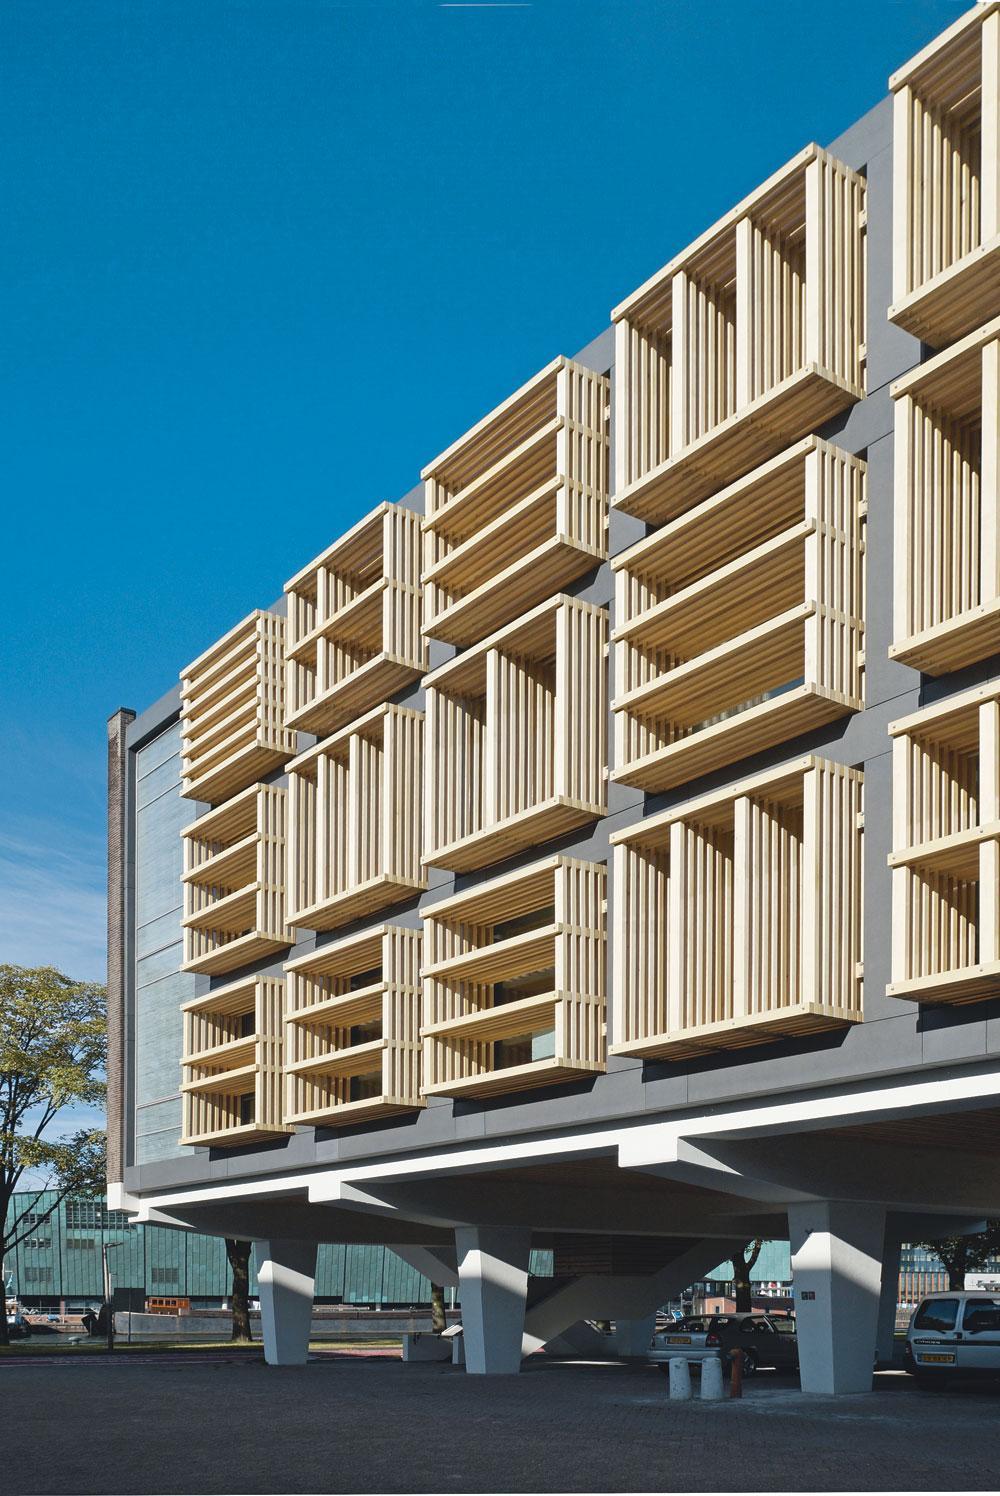 Sanierung eines Akademiegebäudes in Amsterdam - DETAIL inspiration